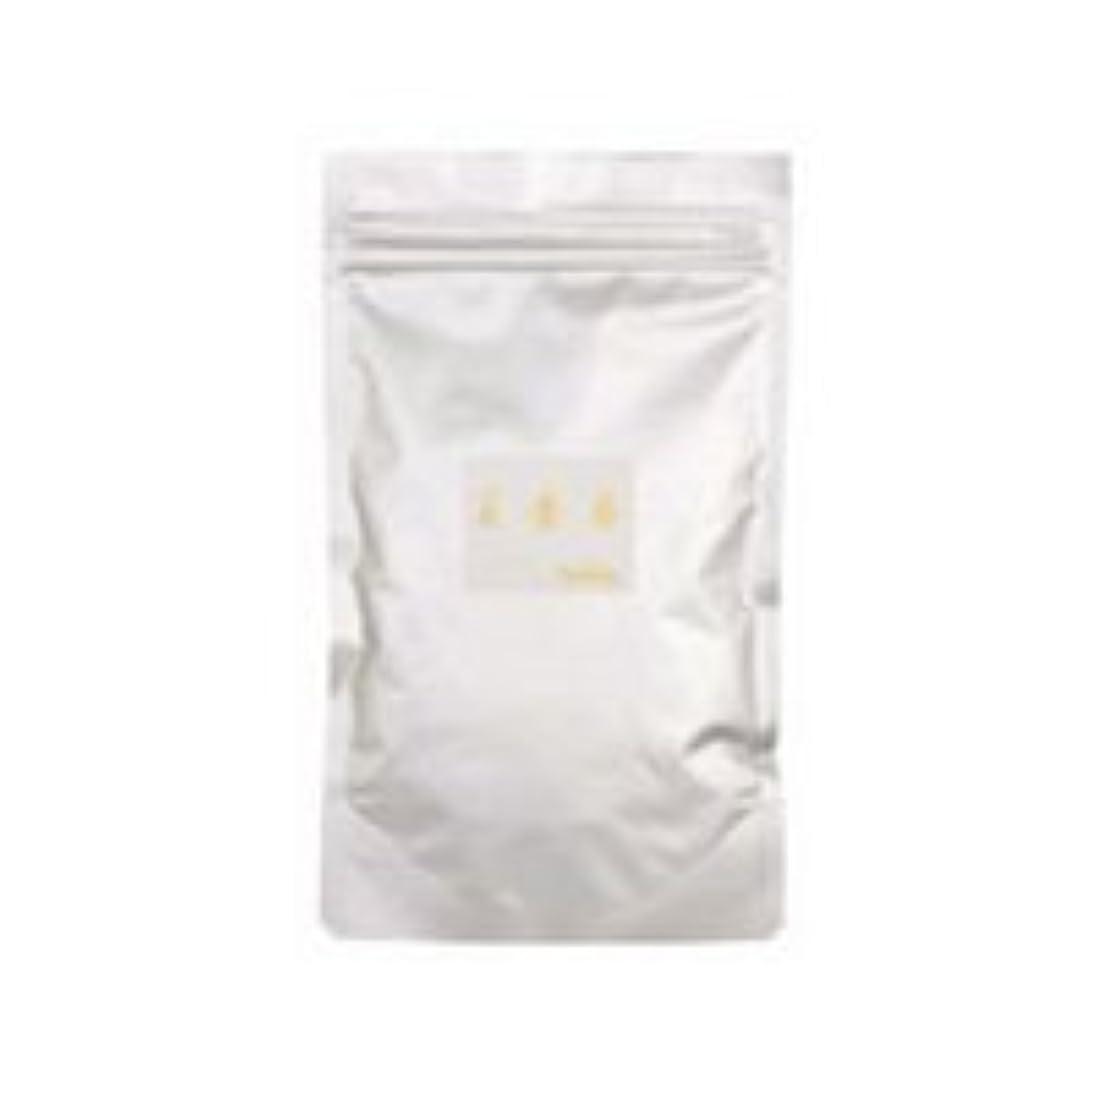 研磨剤メディックちょうつがい美杏香浴用ハーミット 250g